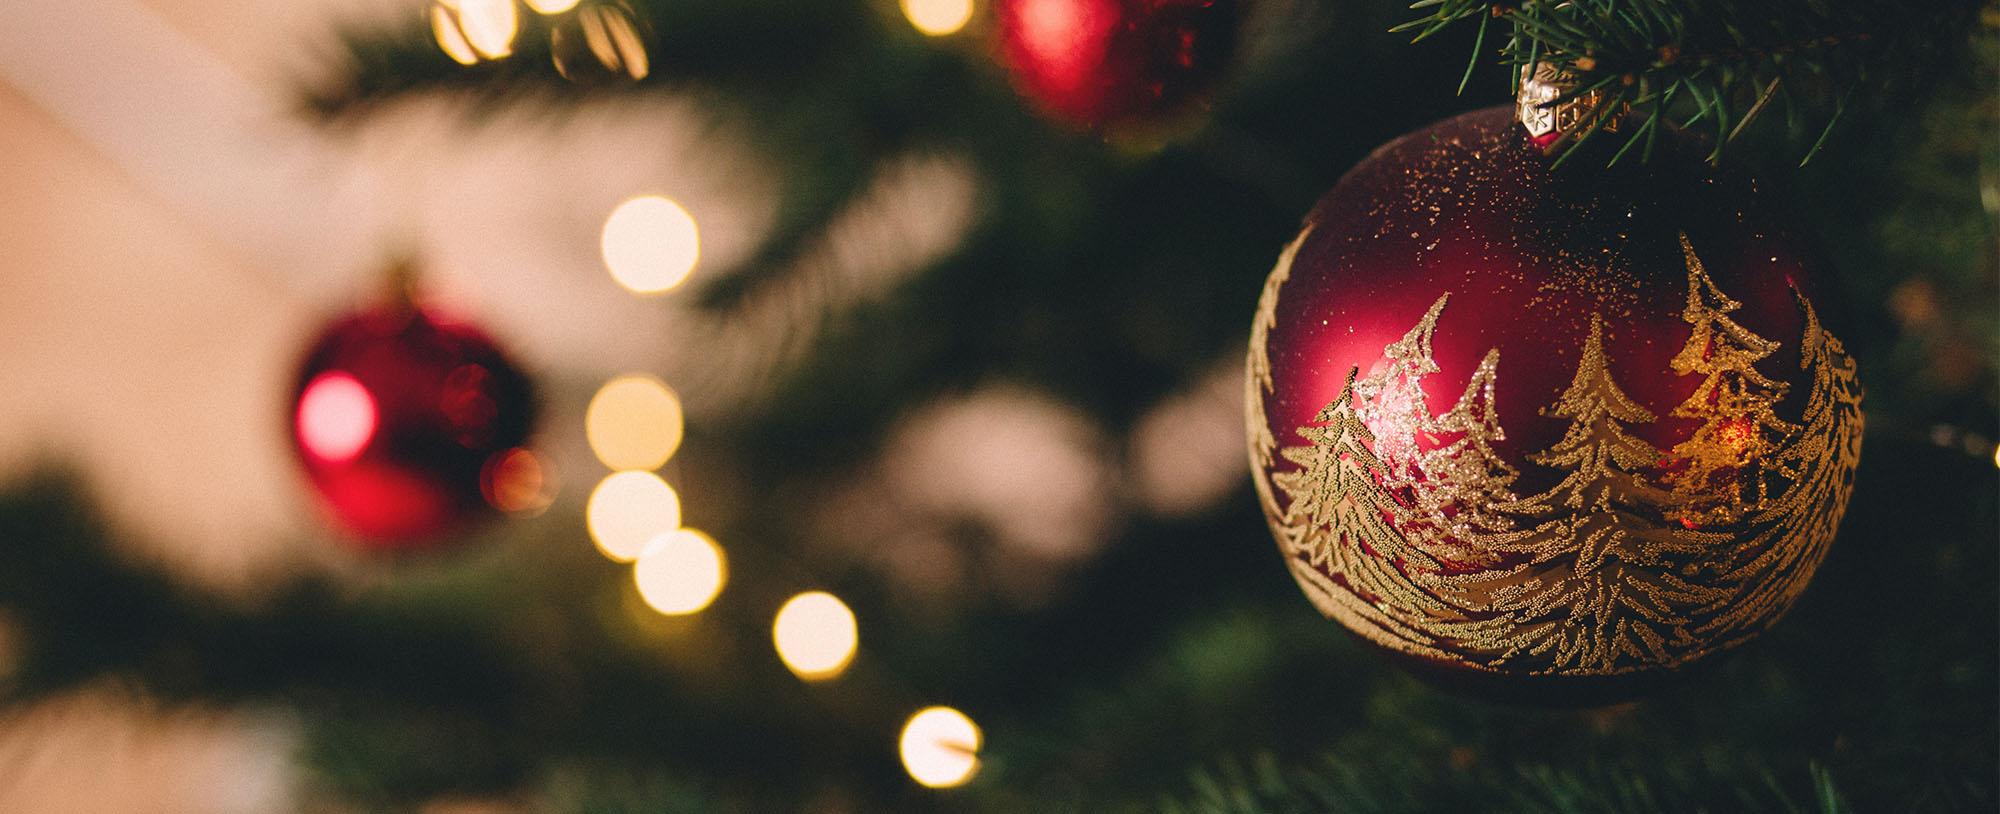 weihnachts-bild-2